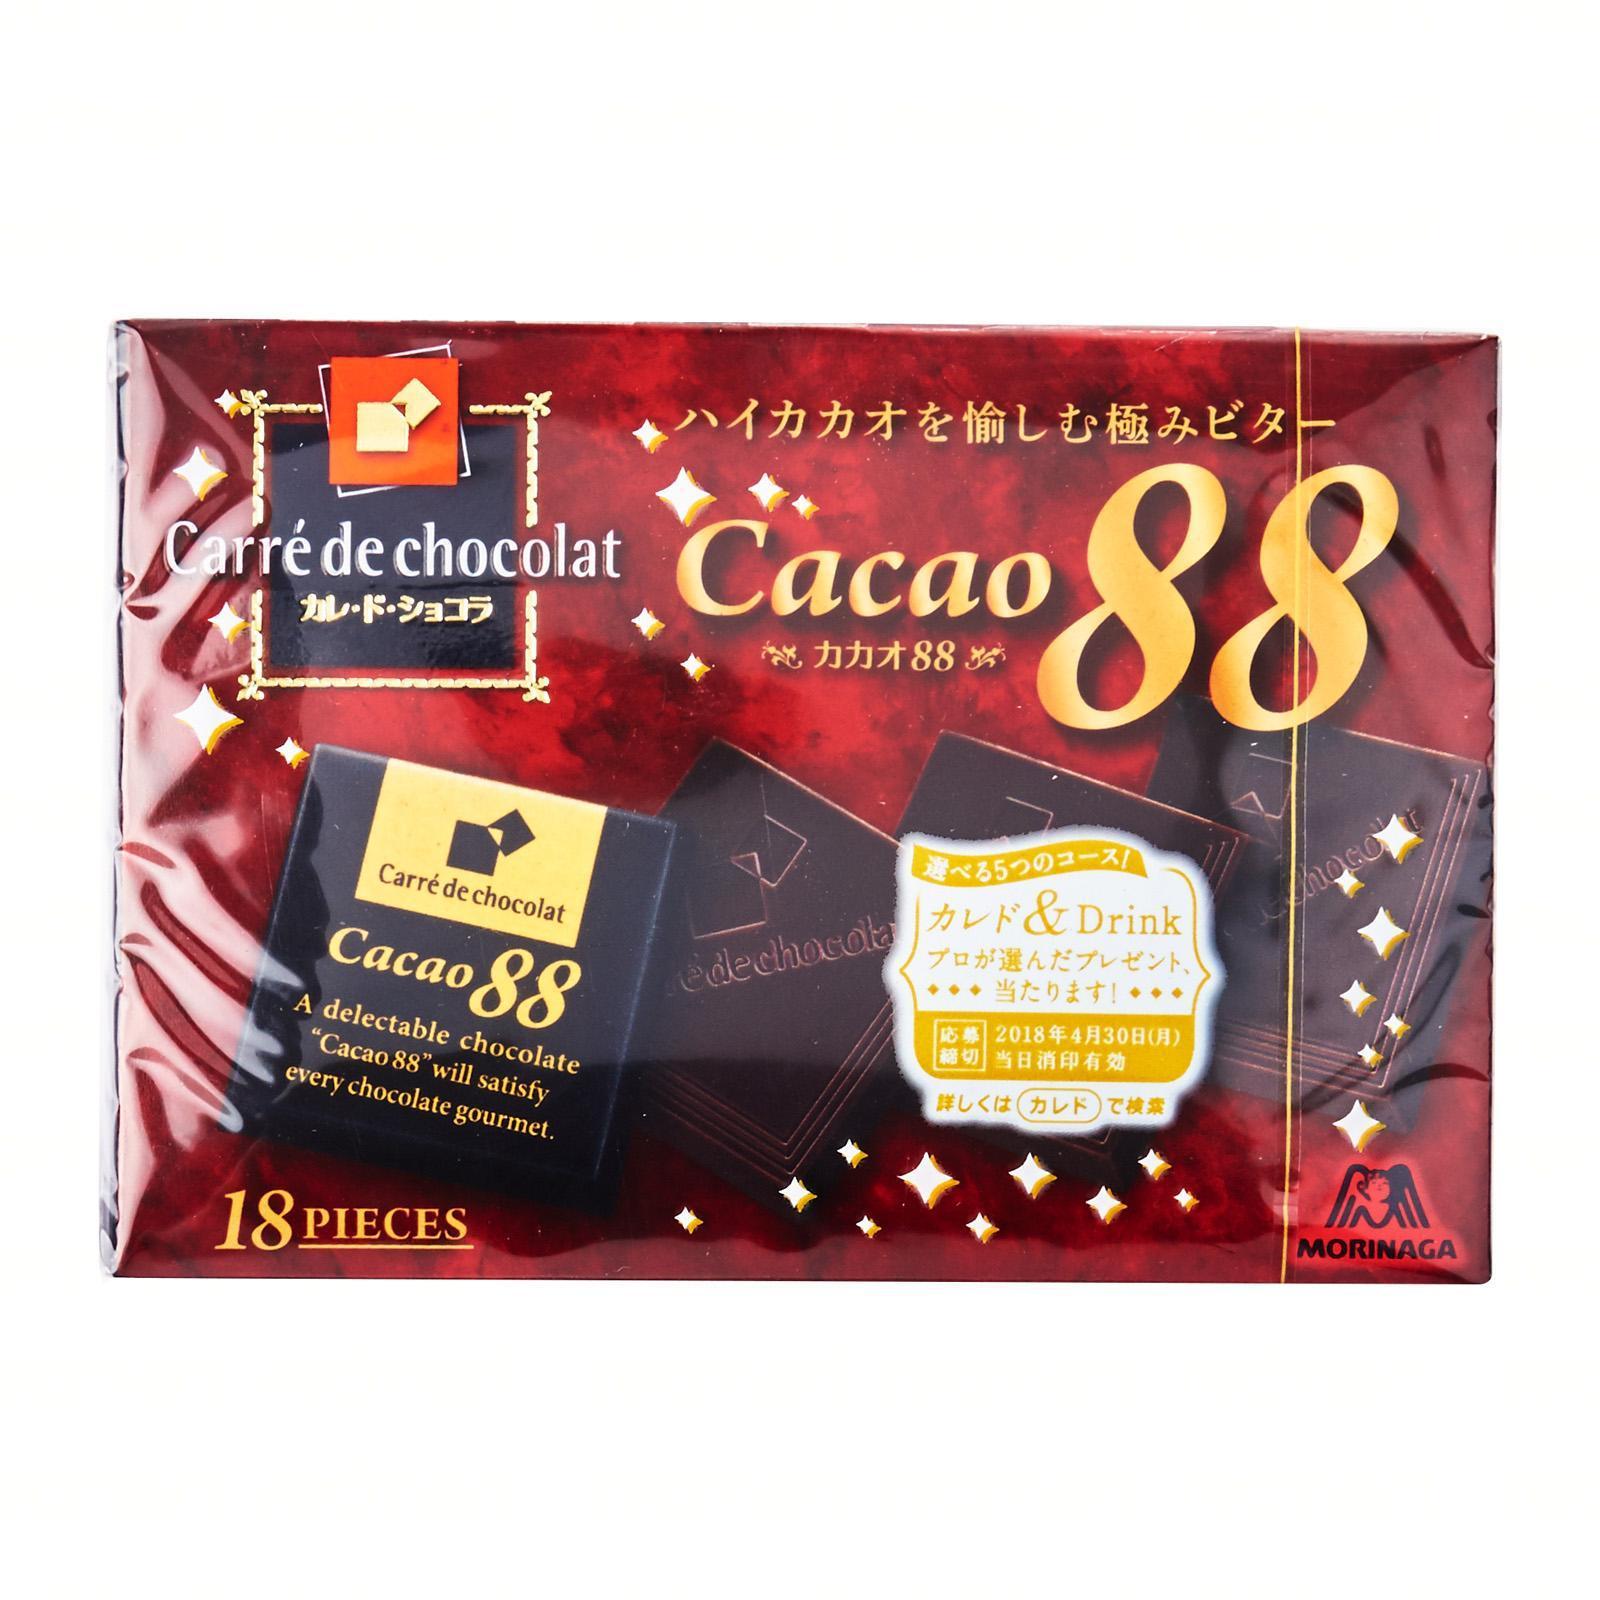 Morinaga 88% Cacao Carre De Chocolat - Jetro Special